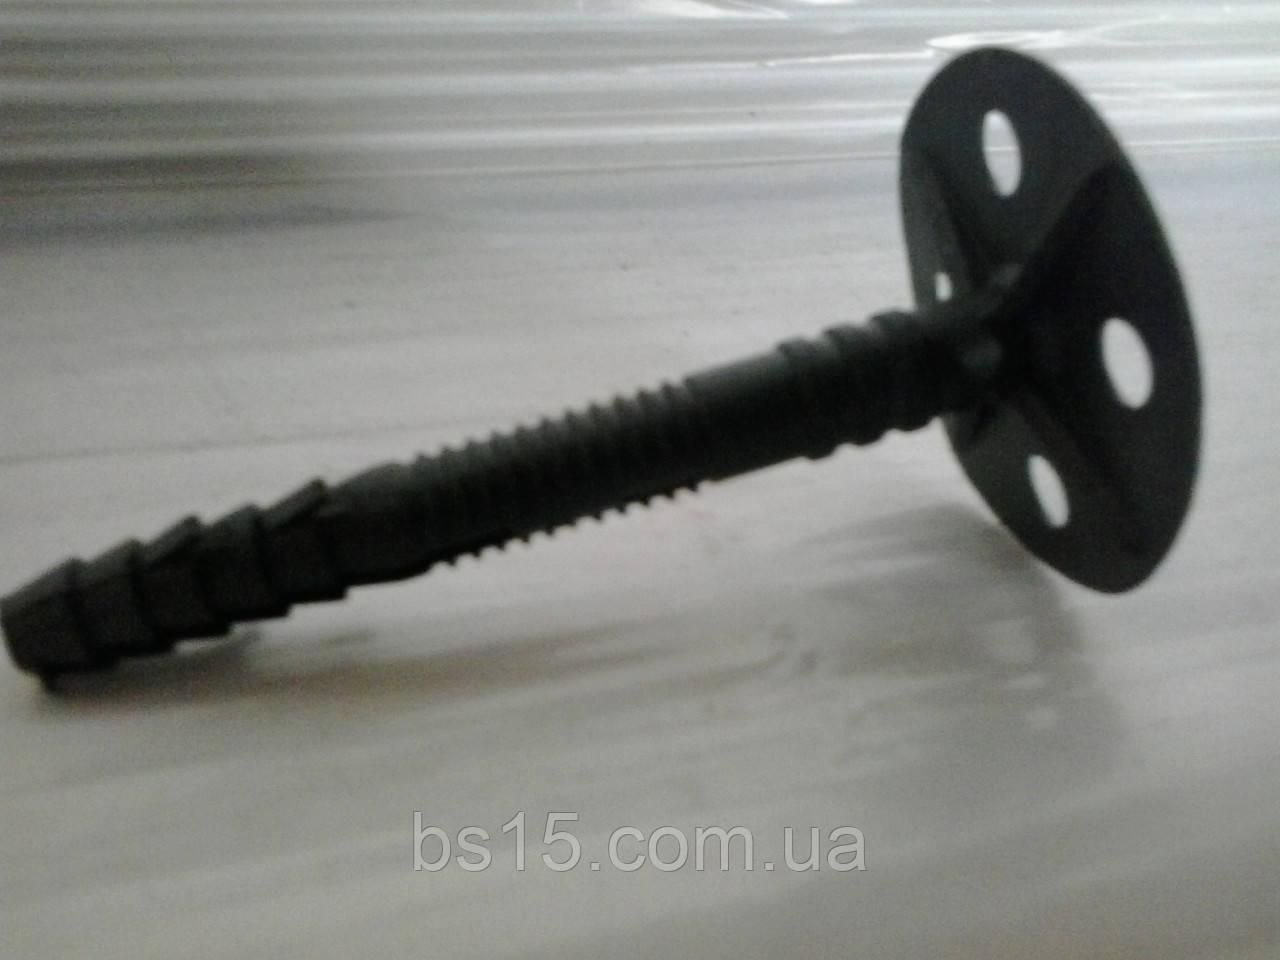 Дюбель зонтик 10х120 для крепления минеральной ваты с пластиковым гвоздём